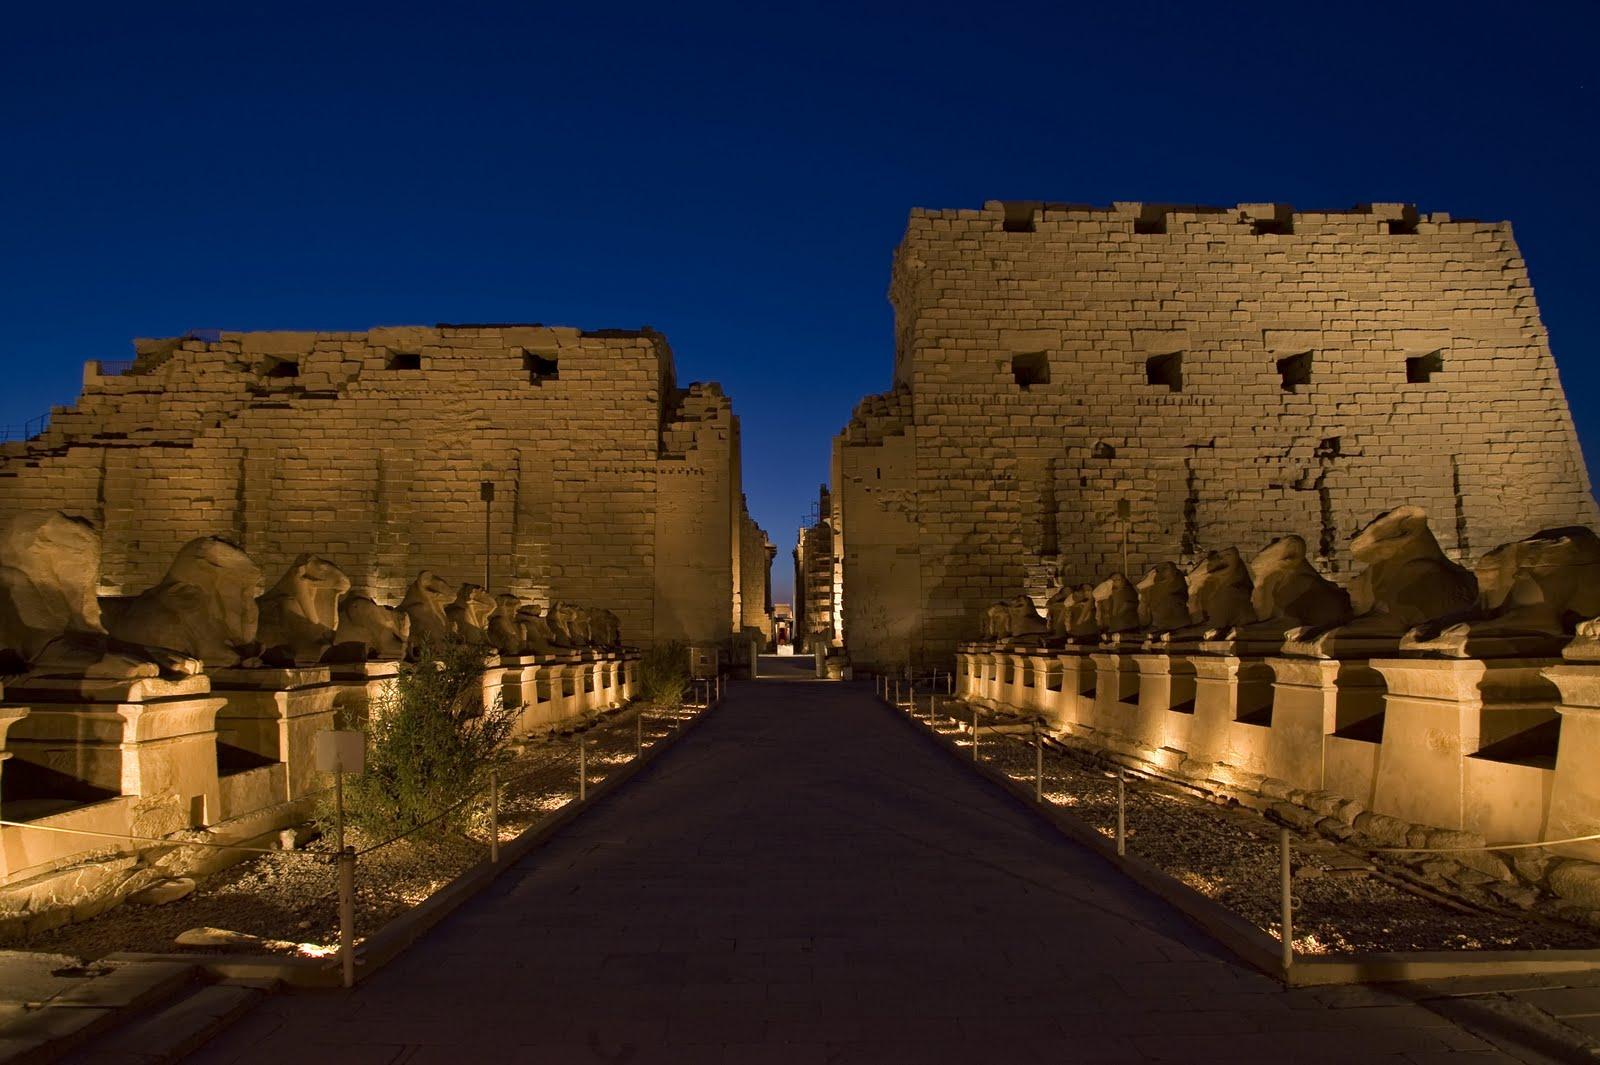 بالصور السياحة في مصر , شاهد بالصور اروع المعالم السياحة فى مصر 444 10